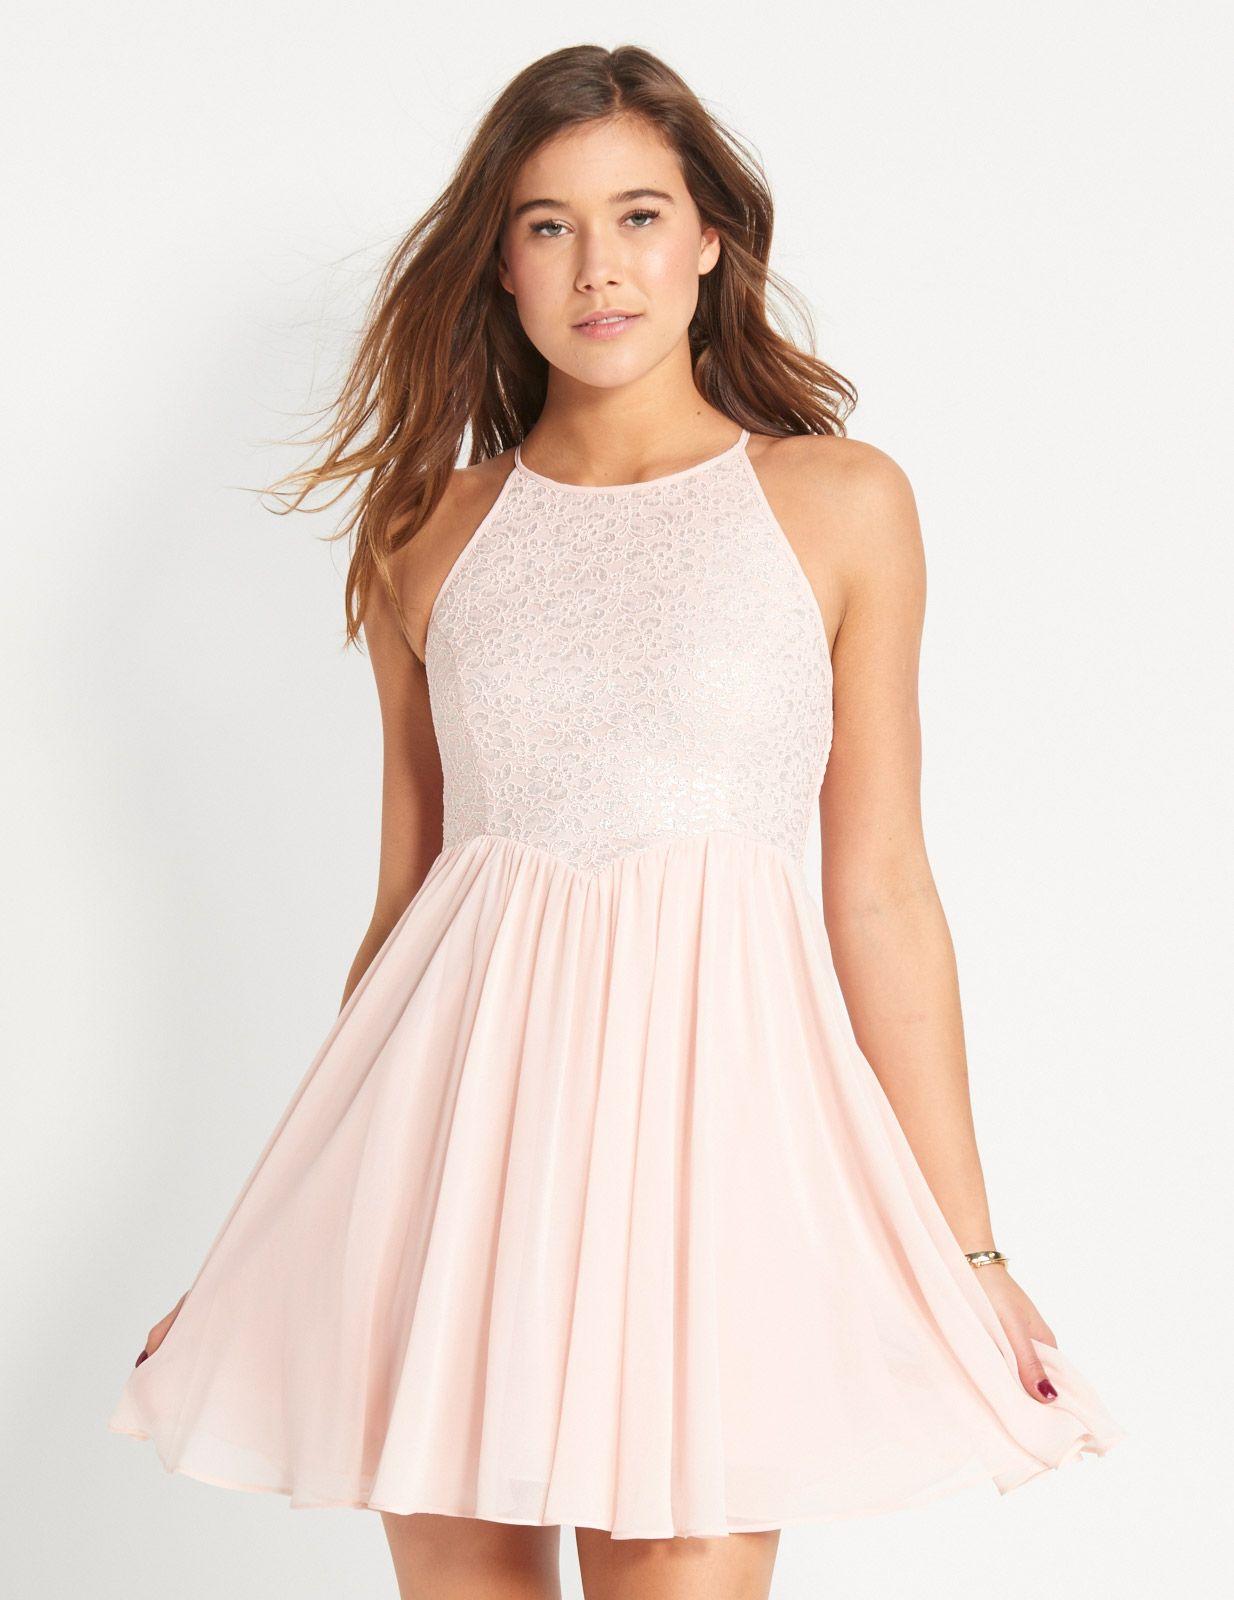 Find Me At Dotti Short Dresses Promotion Dresses Formal Dresses For Teens [ 1600 x 1234 Pixel ]